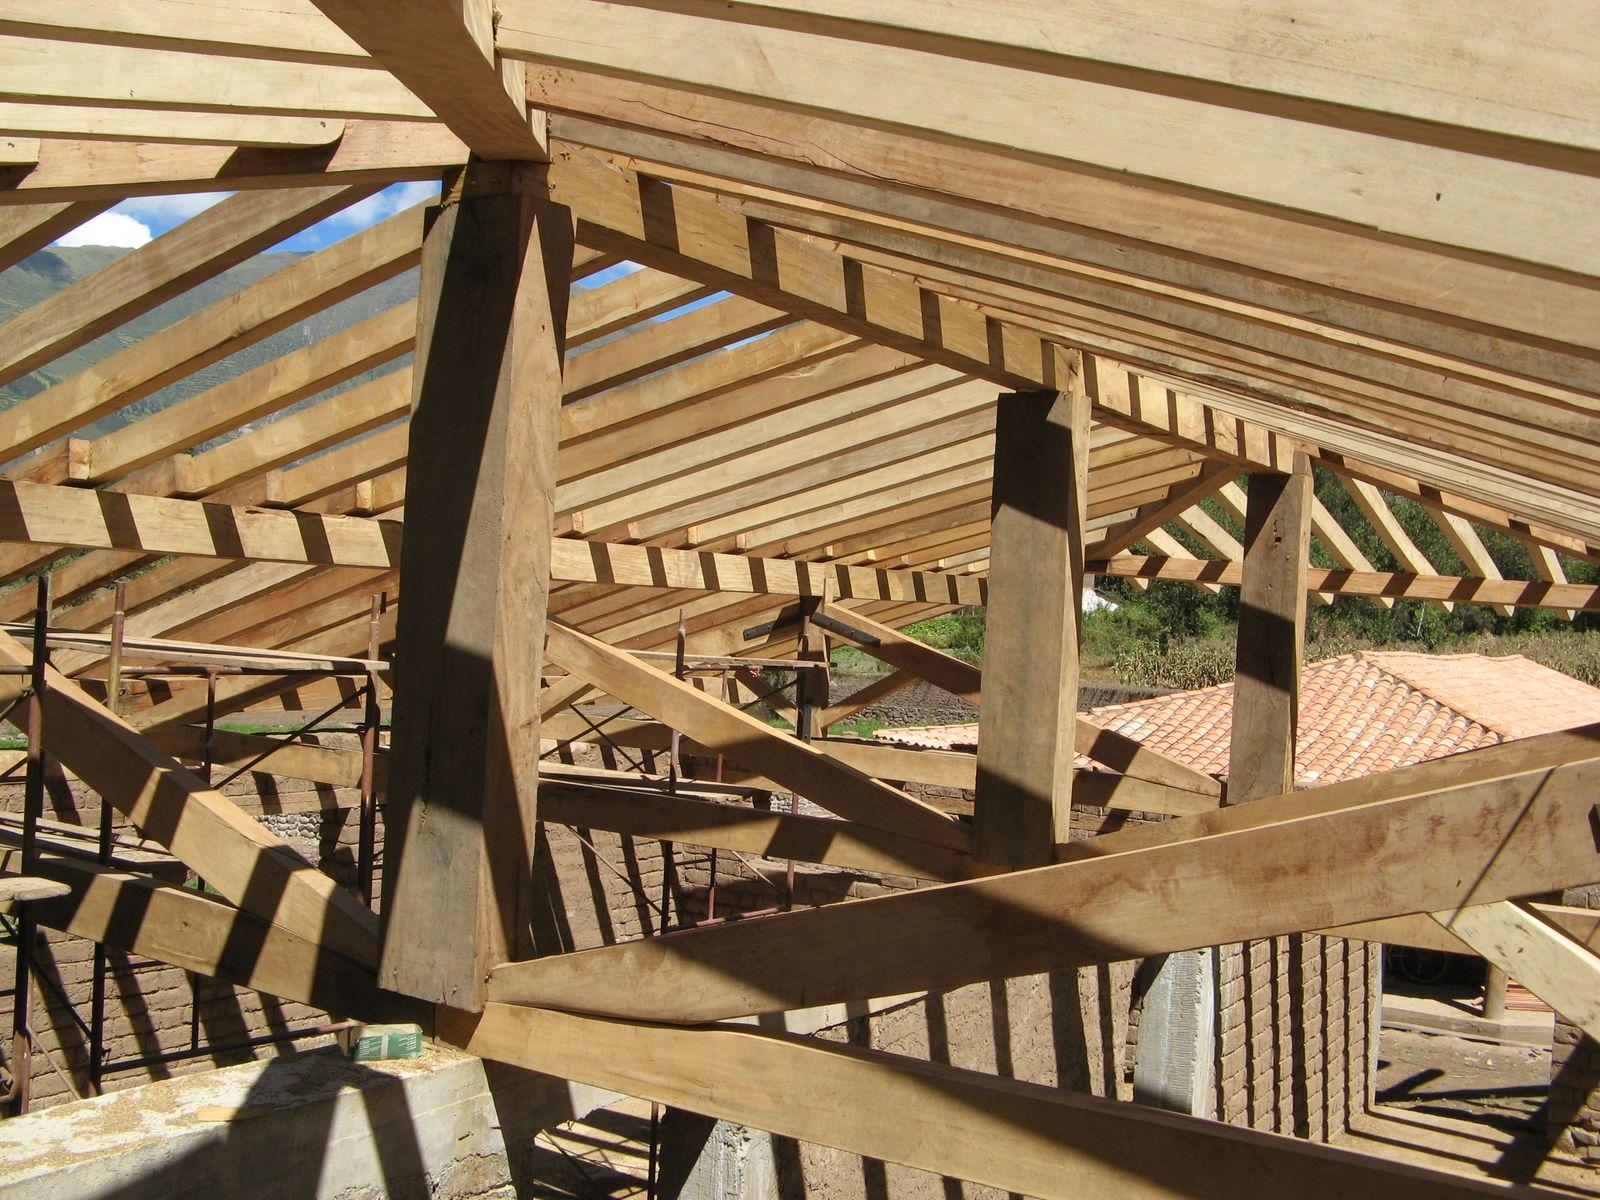 Sala Multiusos De Adobe Y Estructura De Madera